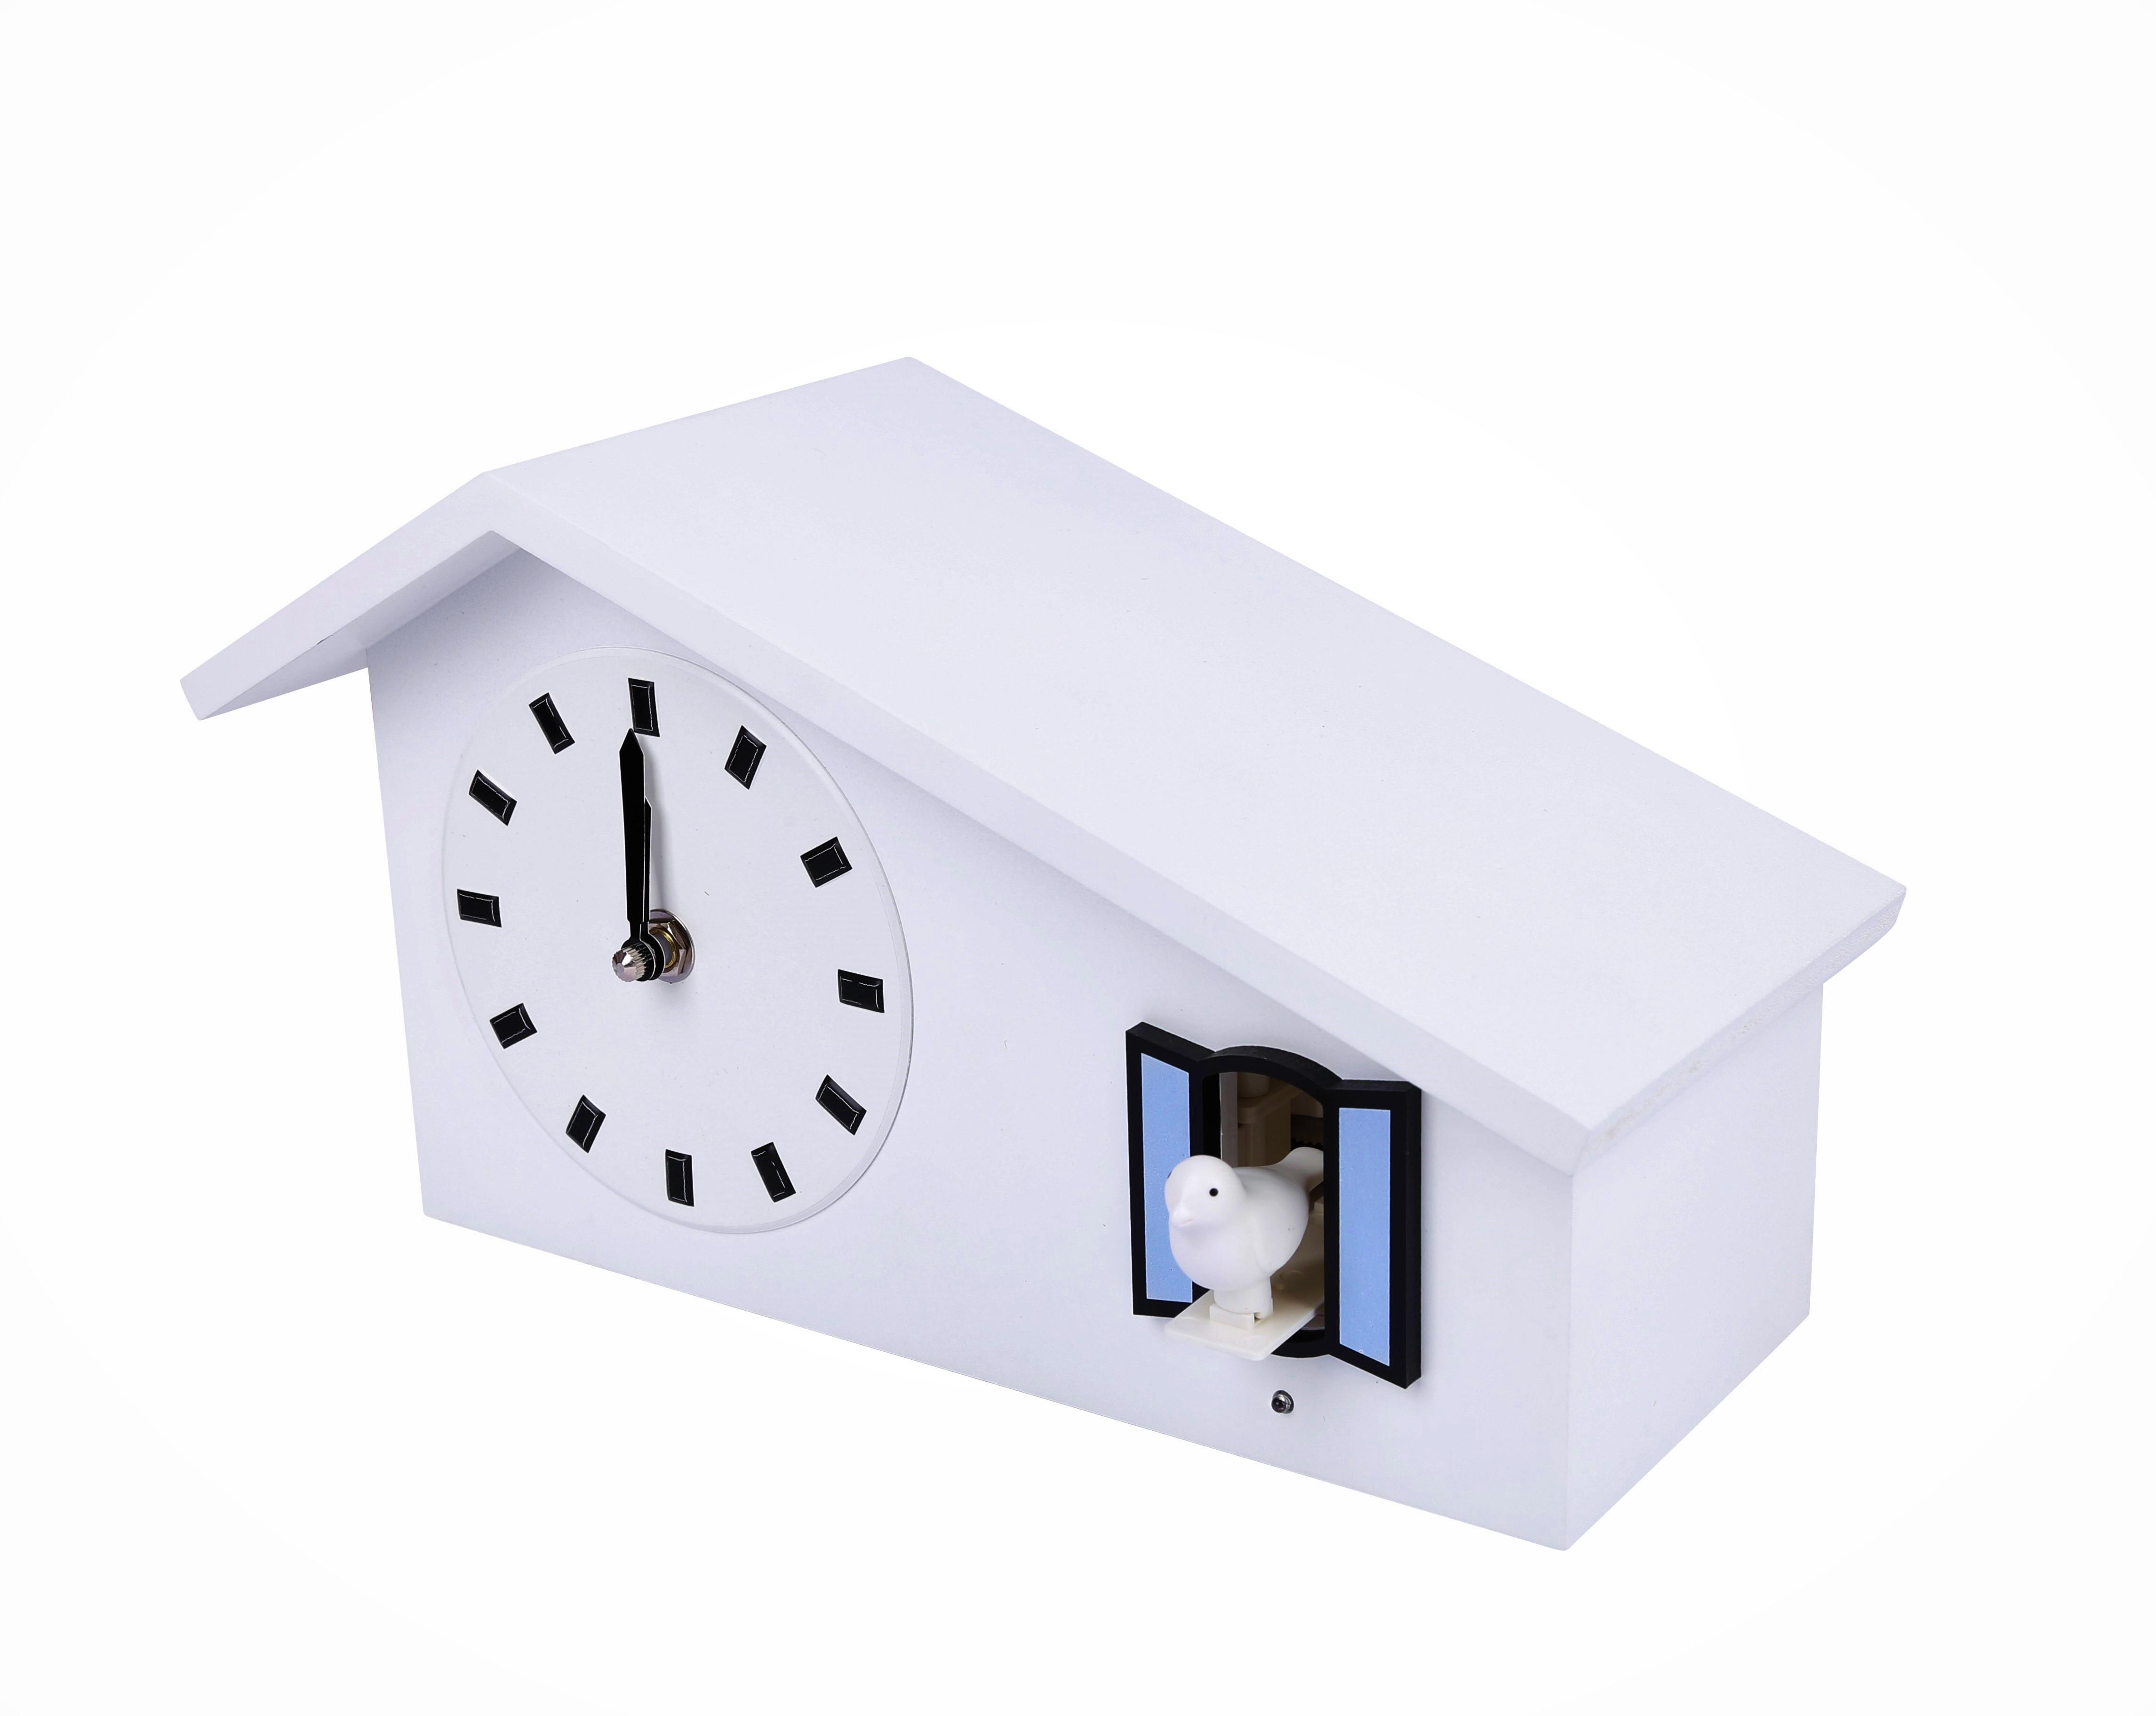 Đồng hồ Monote Rachel Cuckoo màu trắng